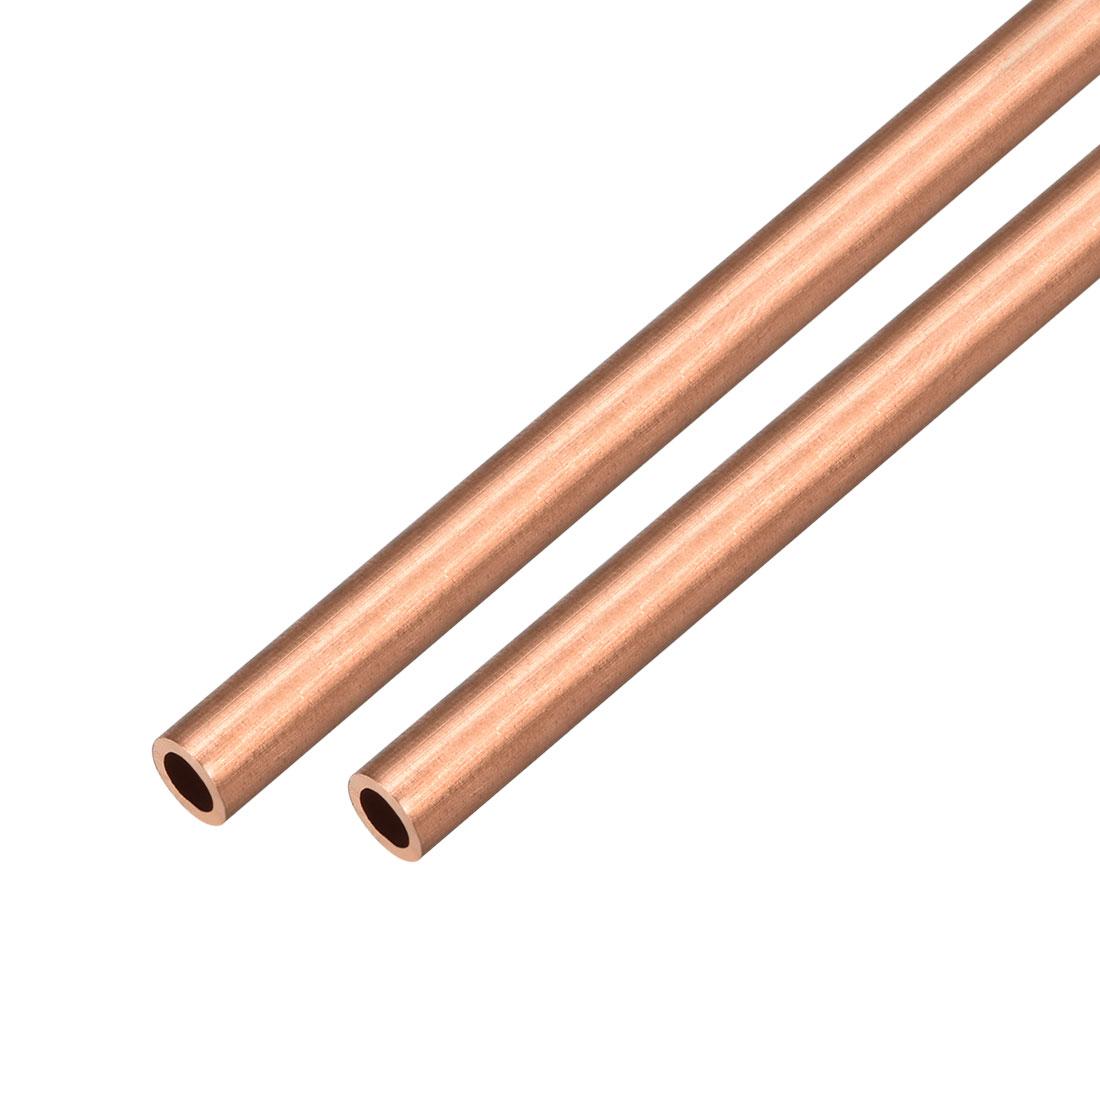 2Pcs 7mm Outside Diameter x 4mm Inside Diameter 500mm Copper Round Tube Pipe